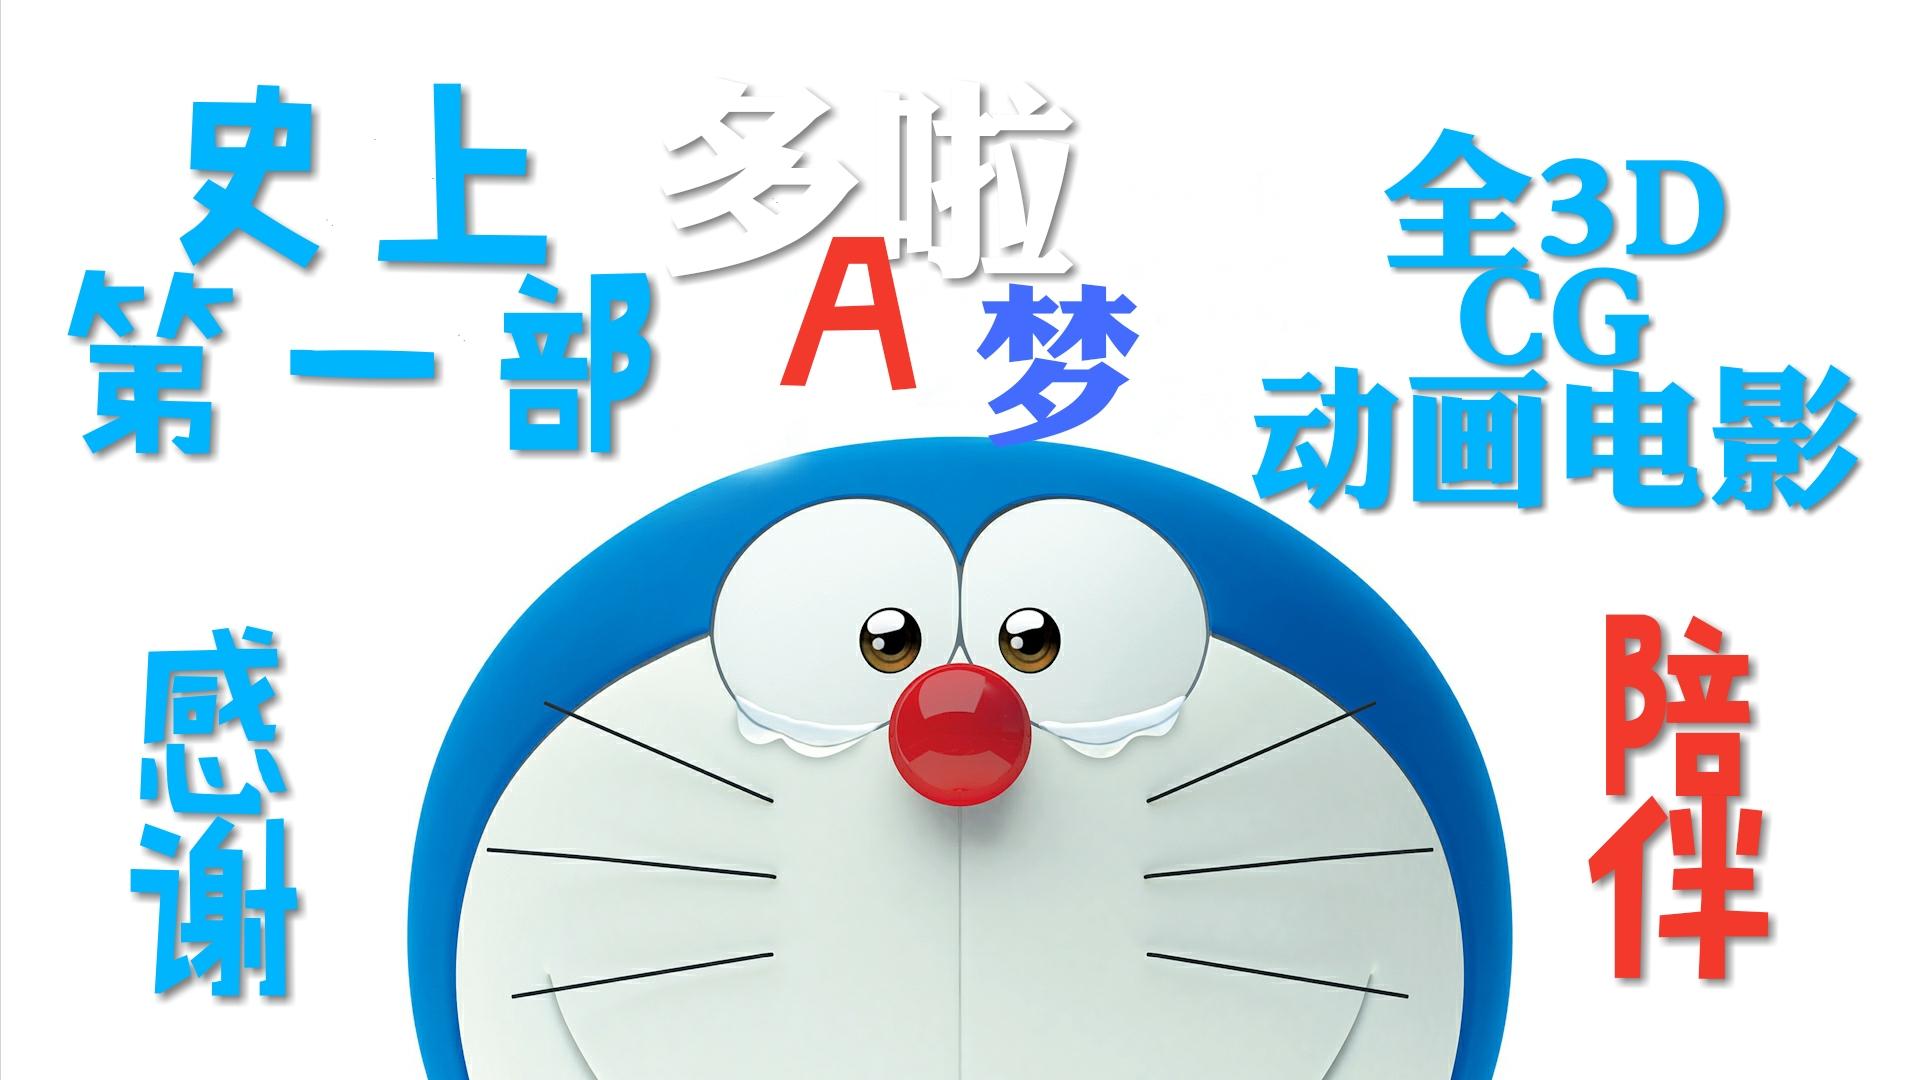 【朕听臣说】史上第一部全3D CG哆啦A梦动画电影 哆啦A梦:伴我同行 谢谢你蓝胖子